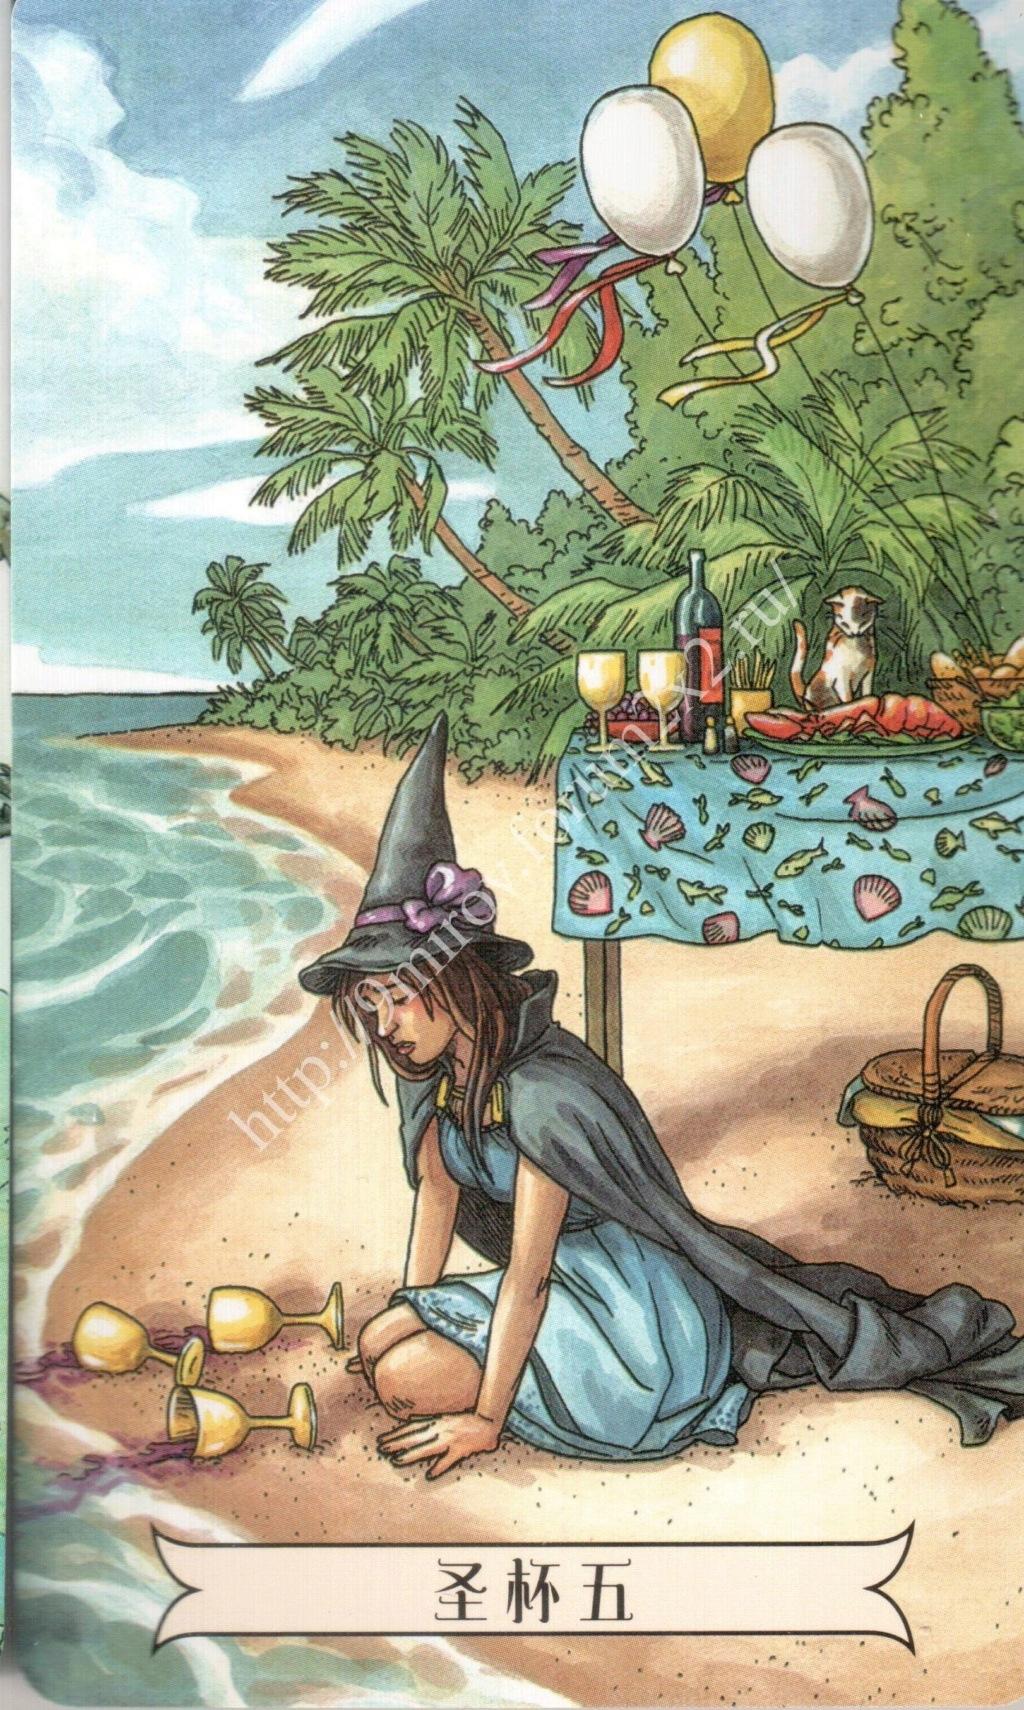 """""""Ведьма каждый день"""" (Ведьма день за днем, Everyday Witch Tarot). Китайская версия. Галерея.   Waterm38"""